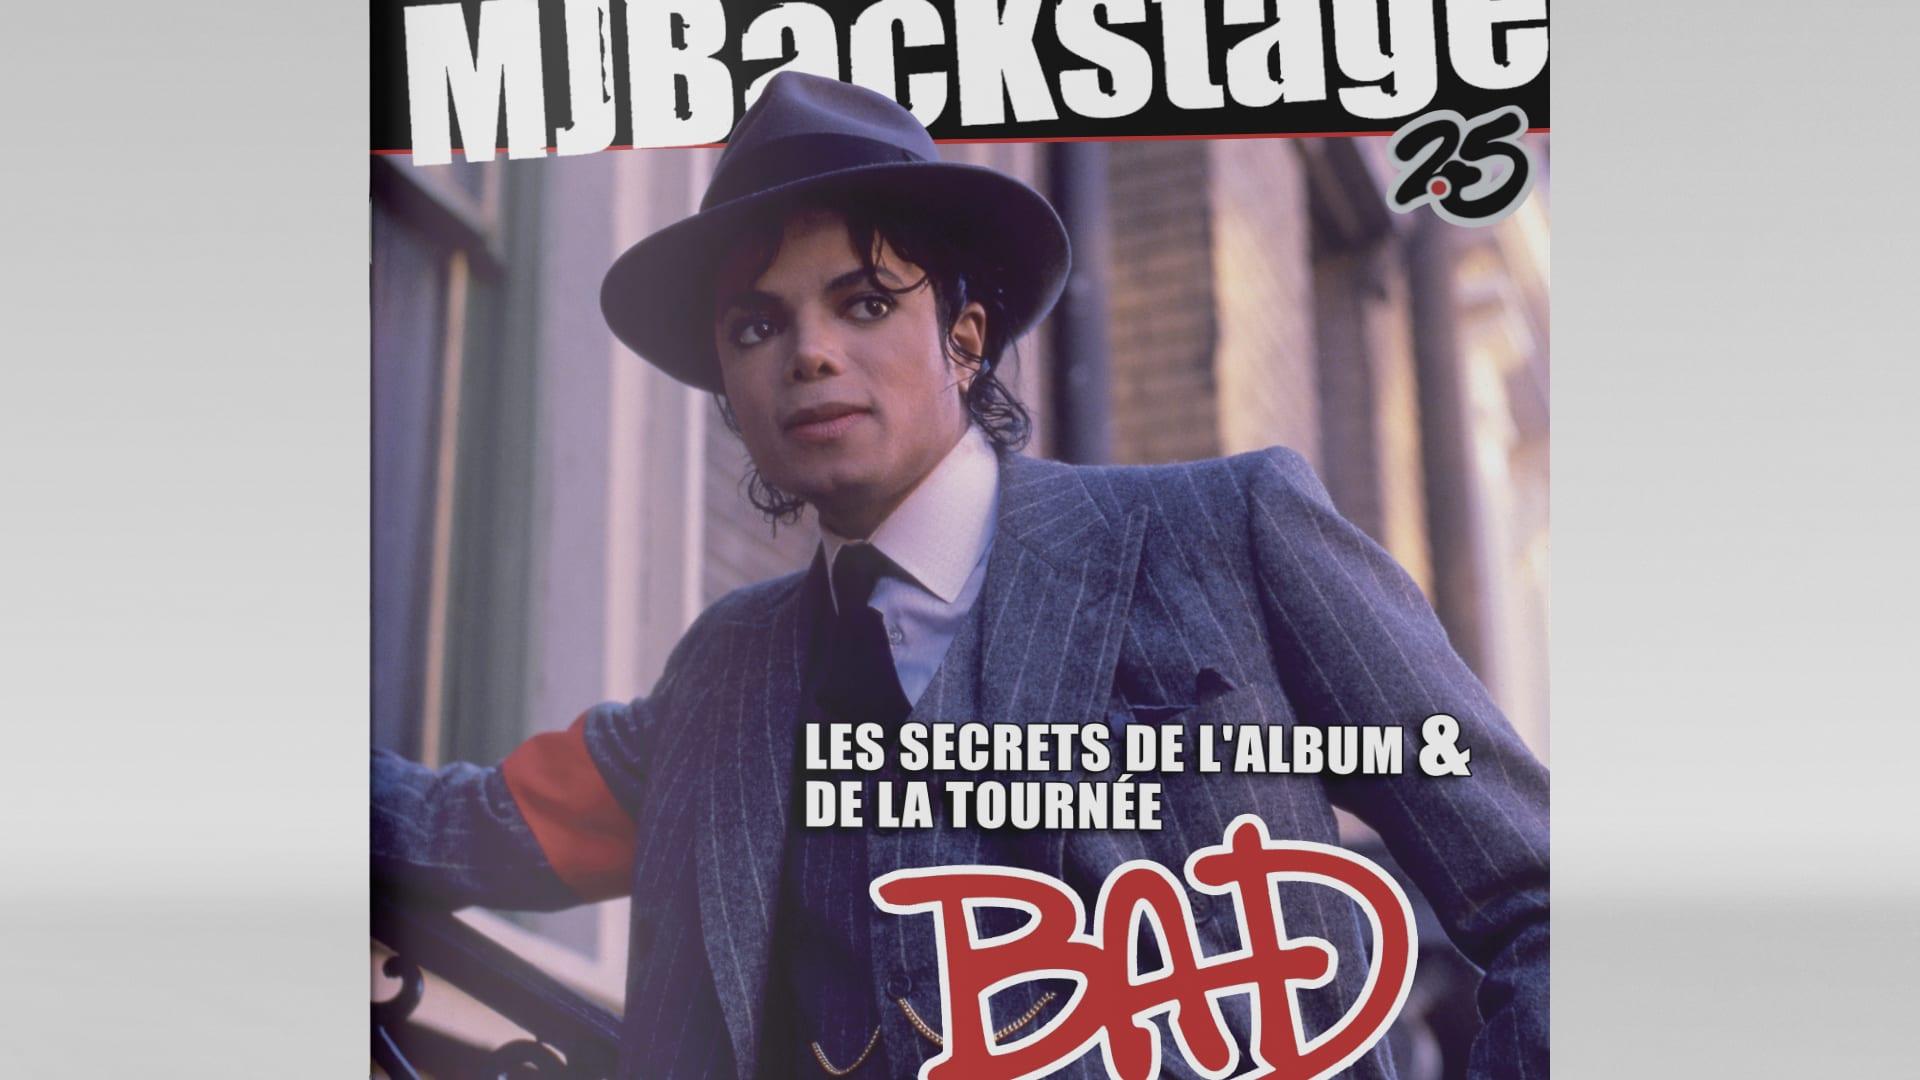 MJ Backstage 25